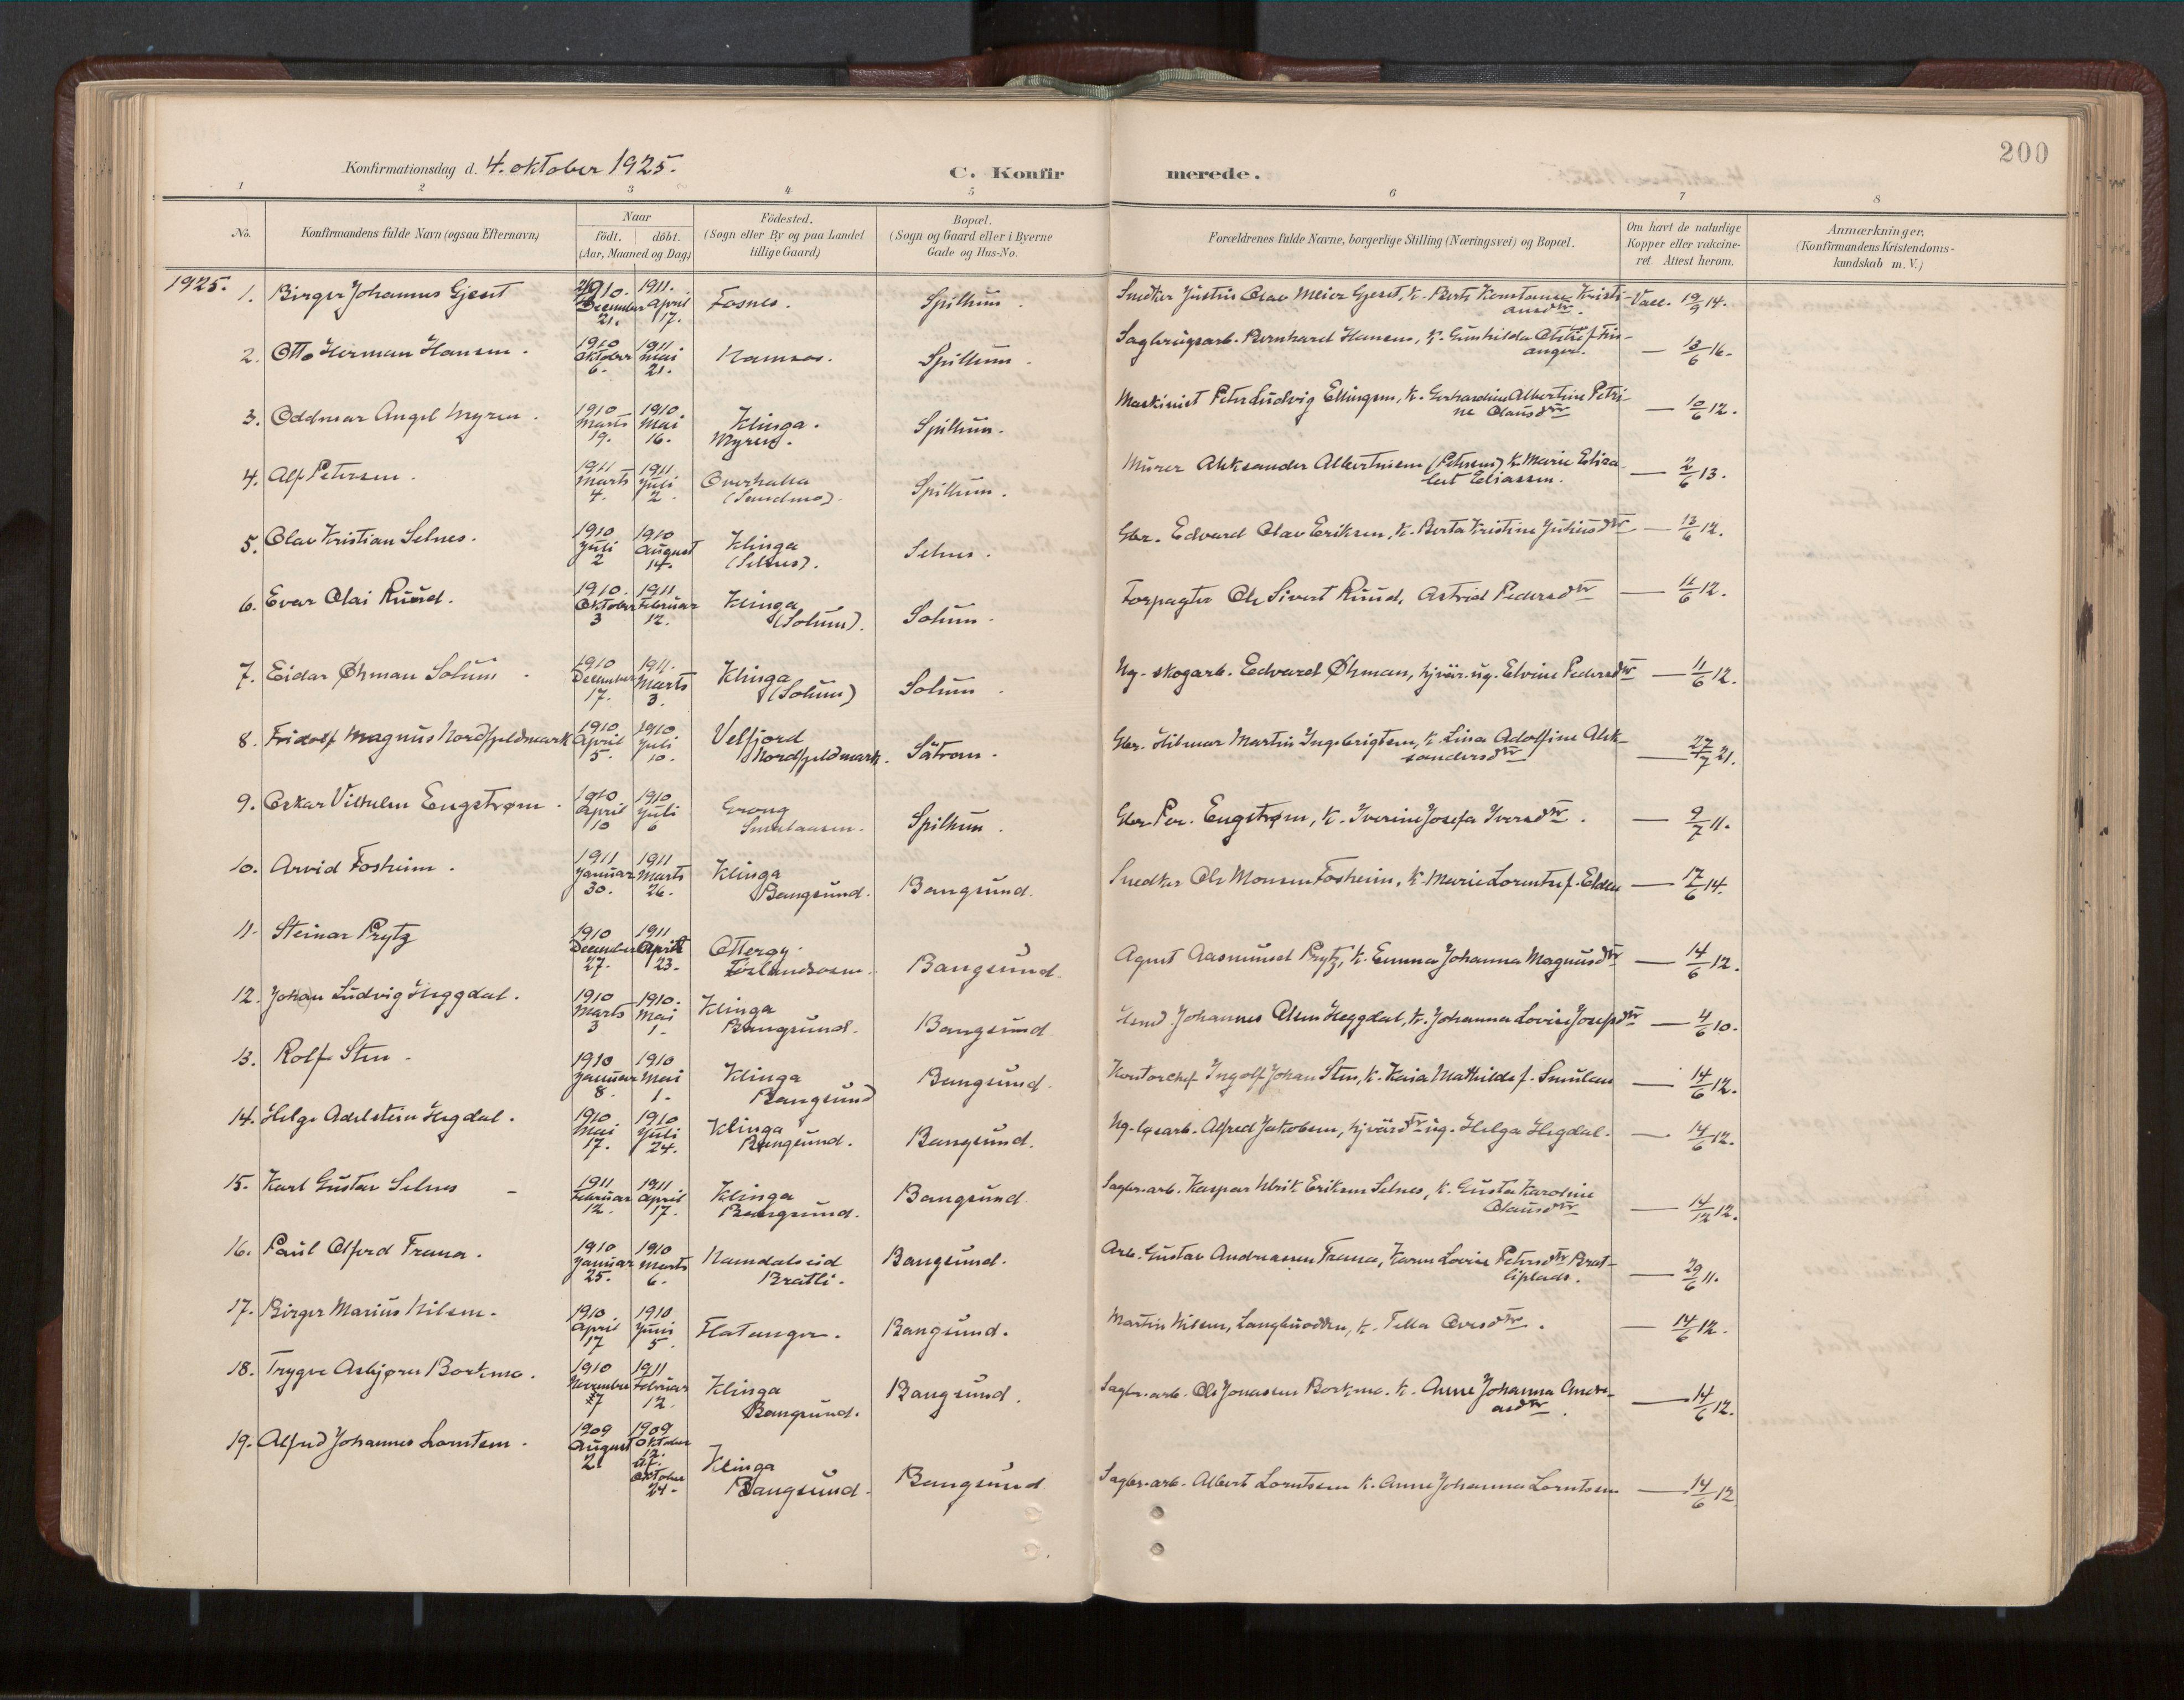 SAT, Ministerialprotokoller, klokkerbøker og fødselsregistre - Nord-Trøndelag, 770/L0589: Ministerialbok nr. 770A03, 1887-1929, s. 200